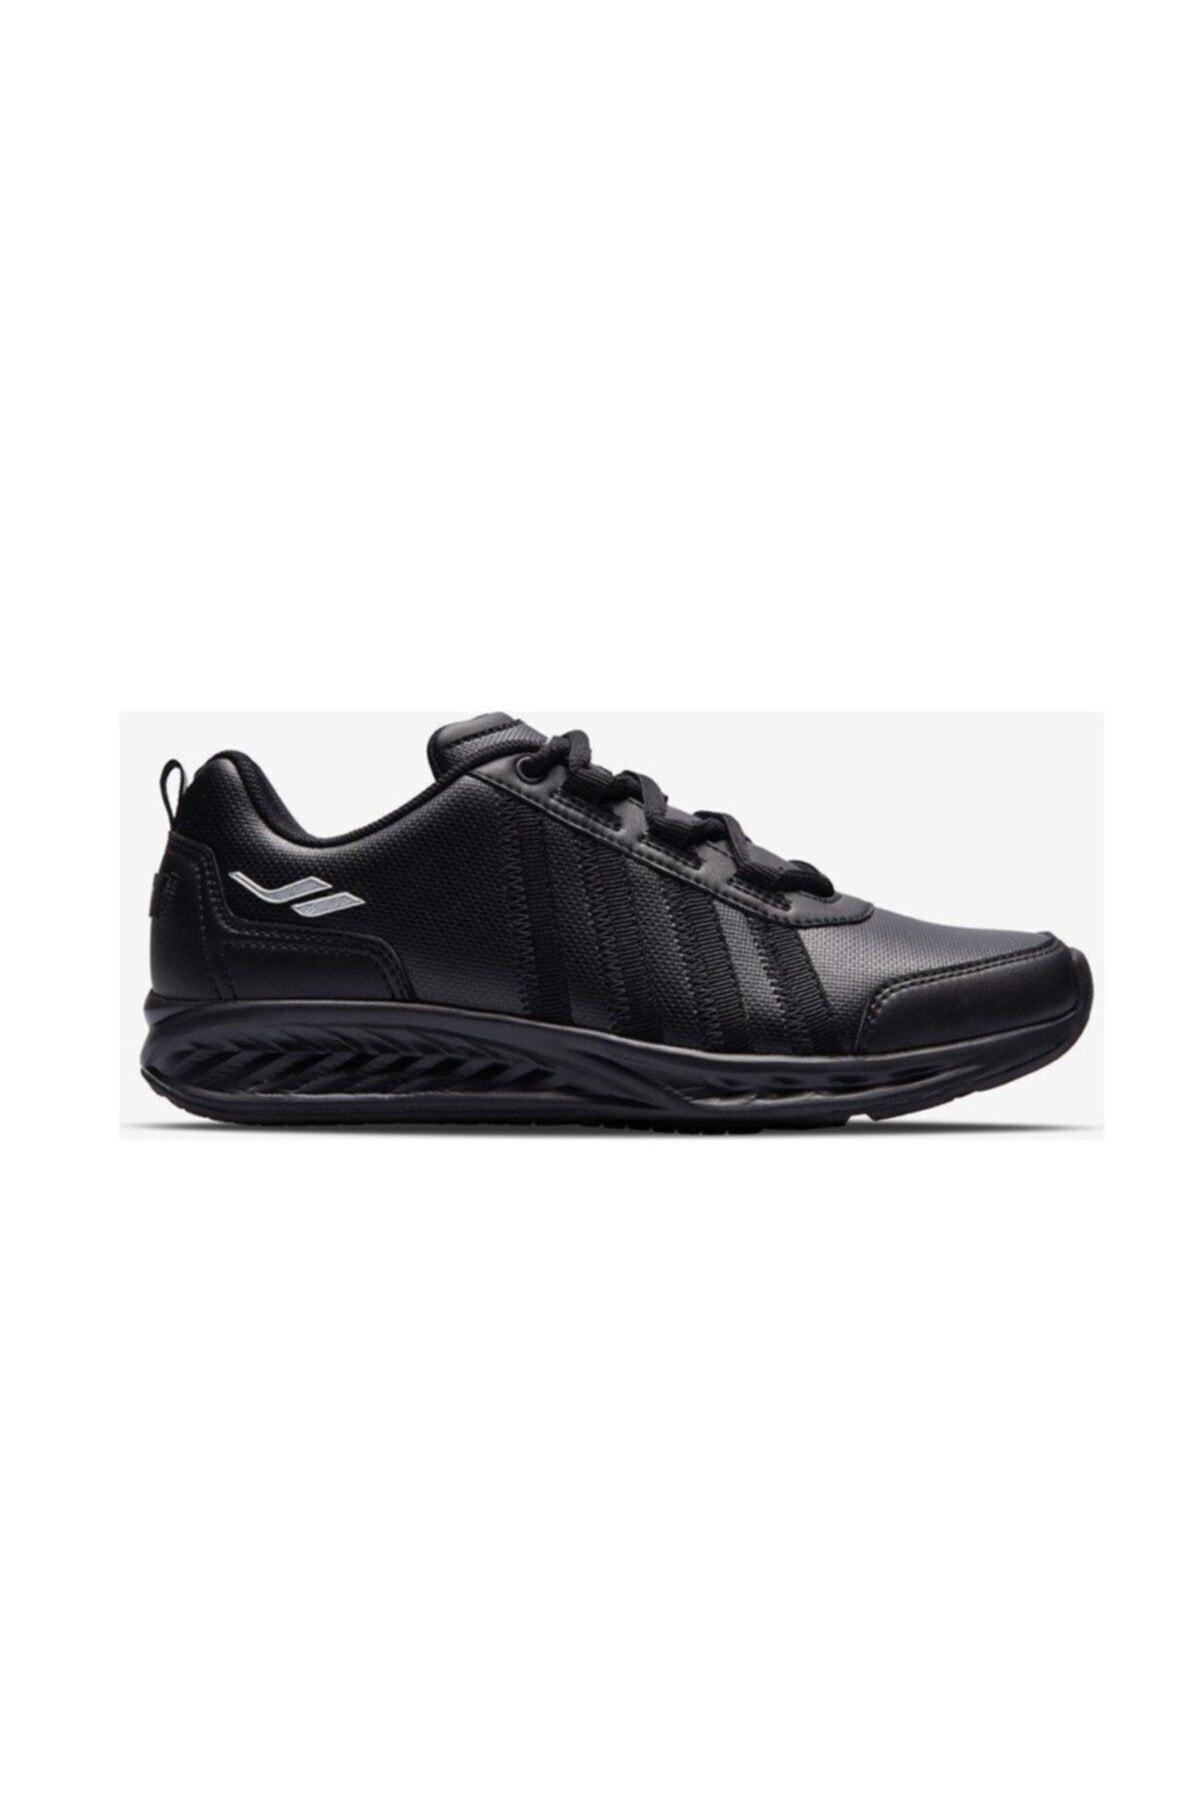 Lescon Kadın Siyah Flex Cliff Siyah Spor Ayakkabı 1